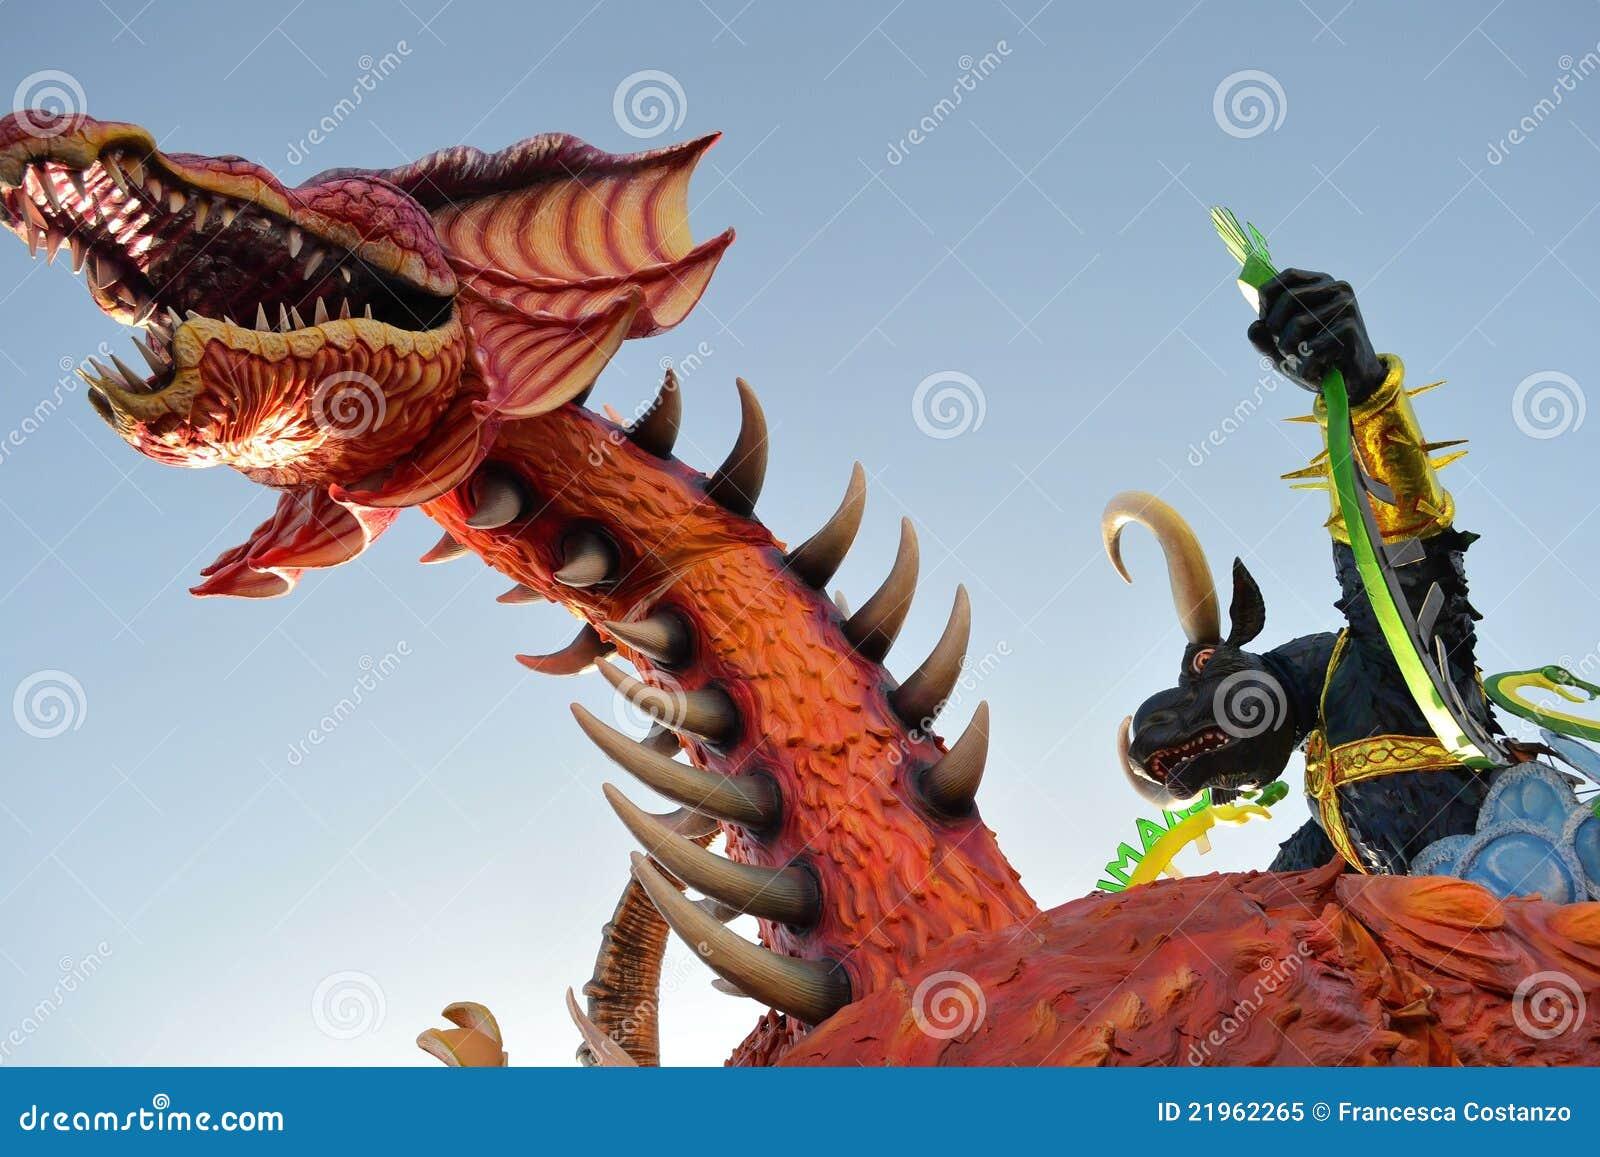 Dragón de Viareggio del carnaval un toro